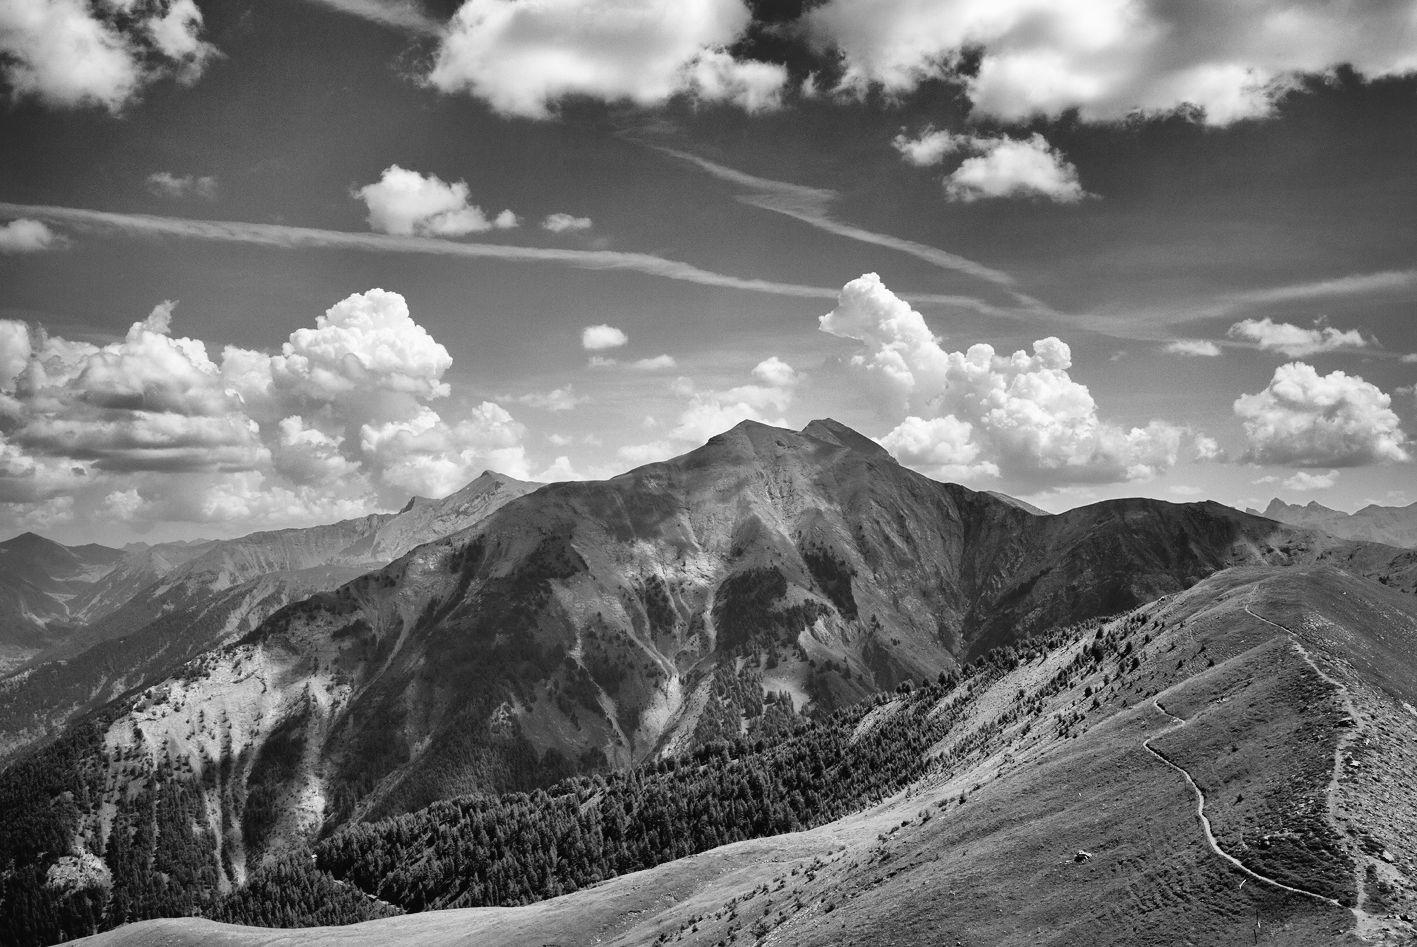 Montagne Sentier Allos AOut 2020 copie 2